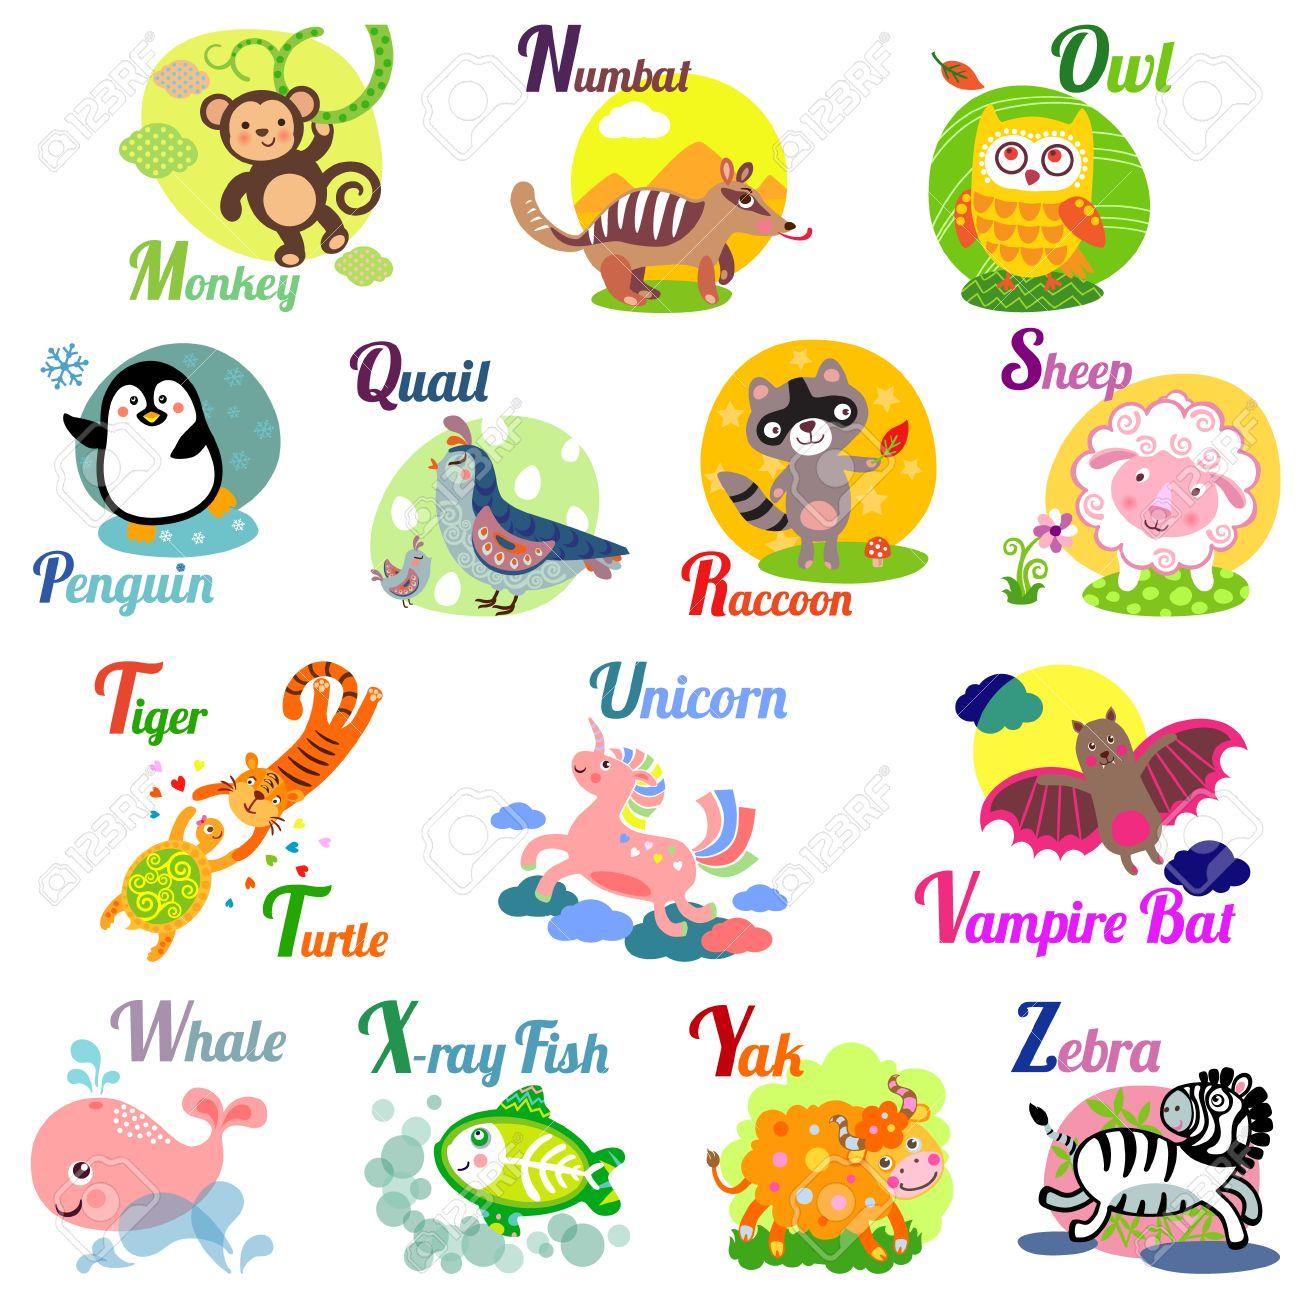 かわいい動物アルファベット abc 本。漫画の動物のベクトル イラスト。m